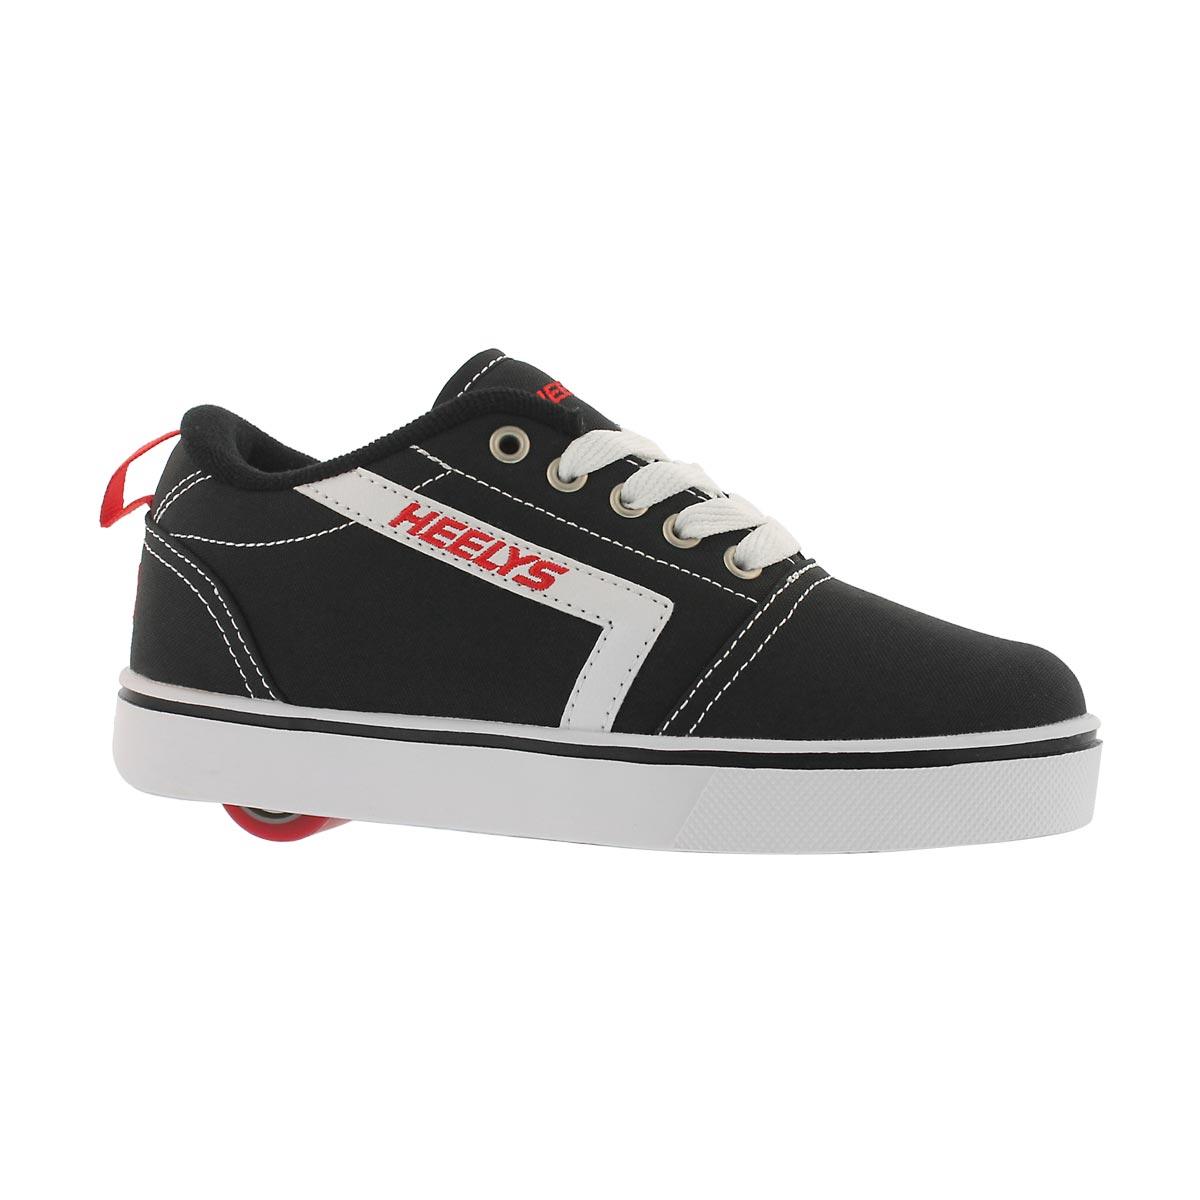 Boys' GR8 PRO black/white/red skate sneakers